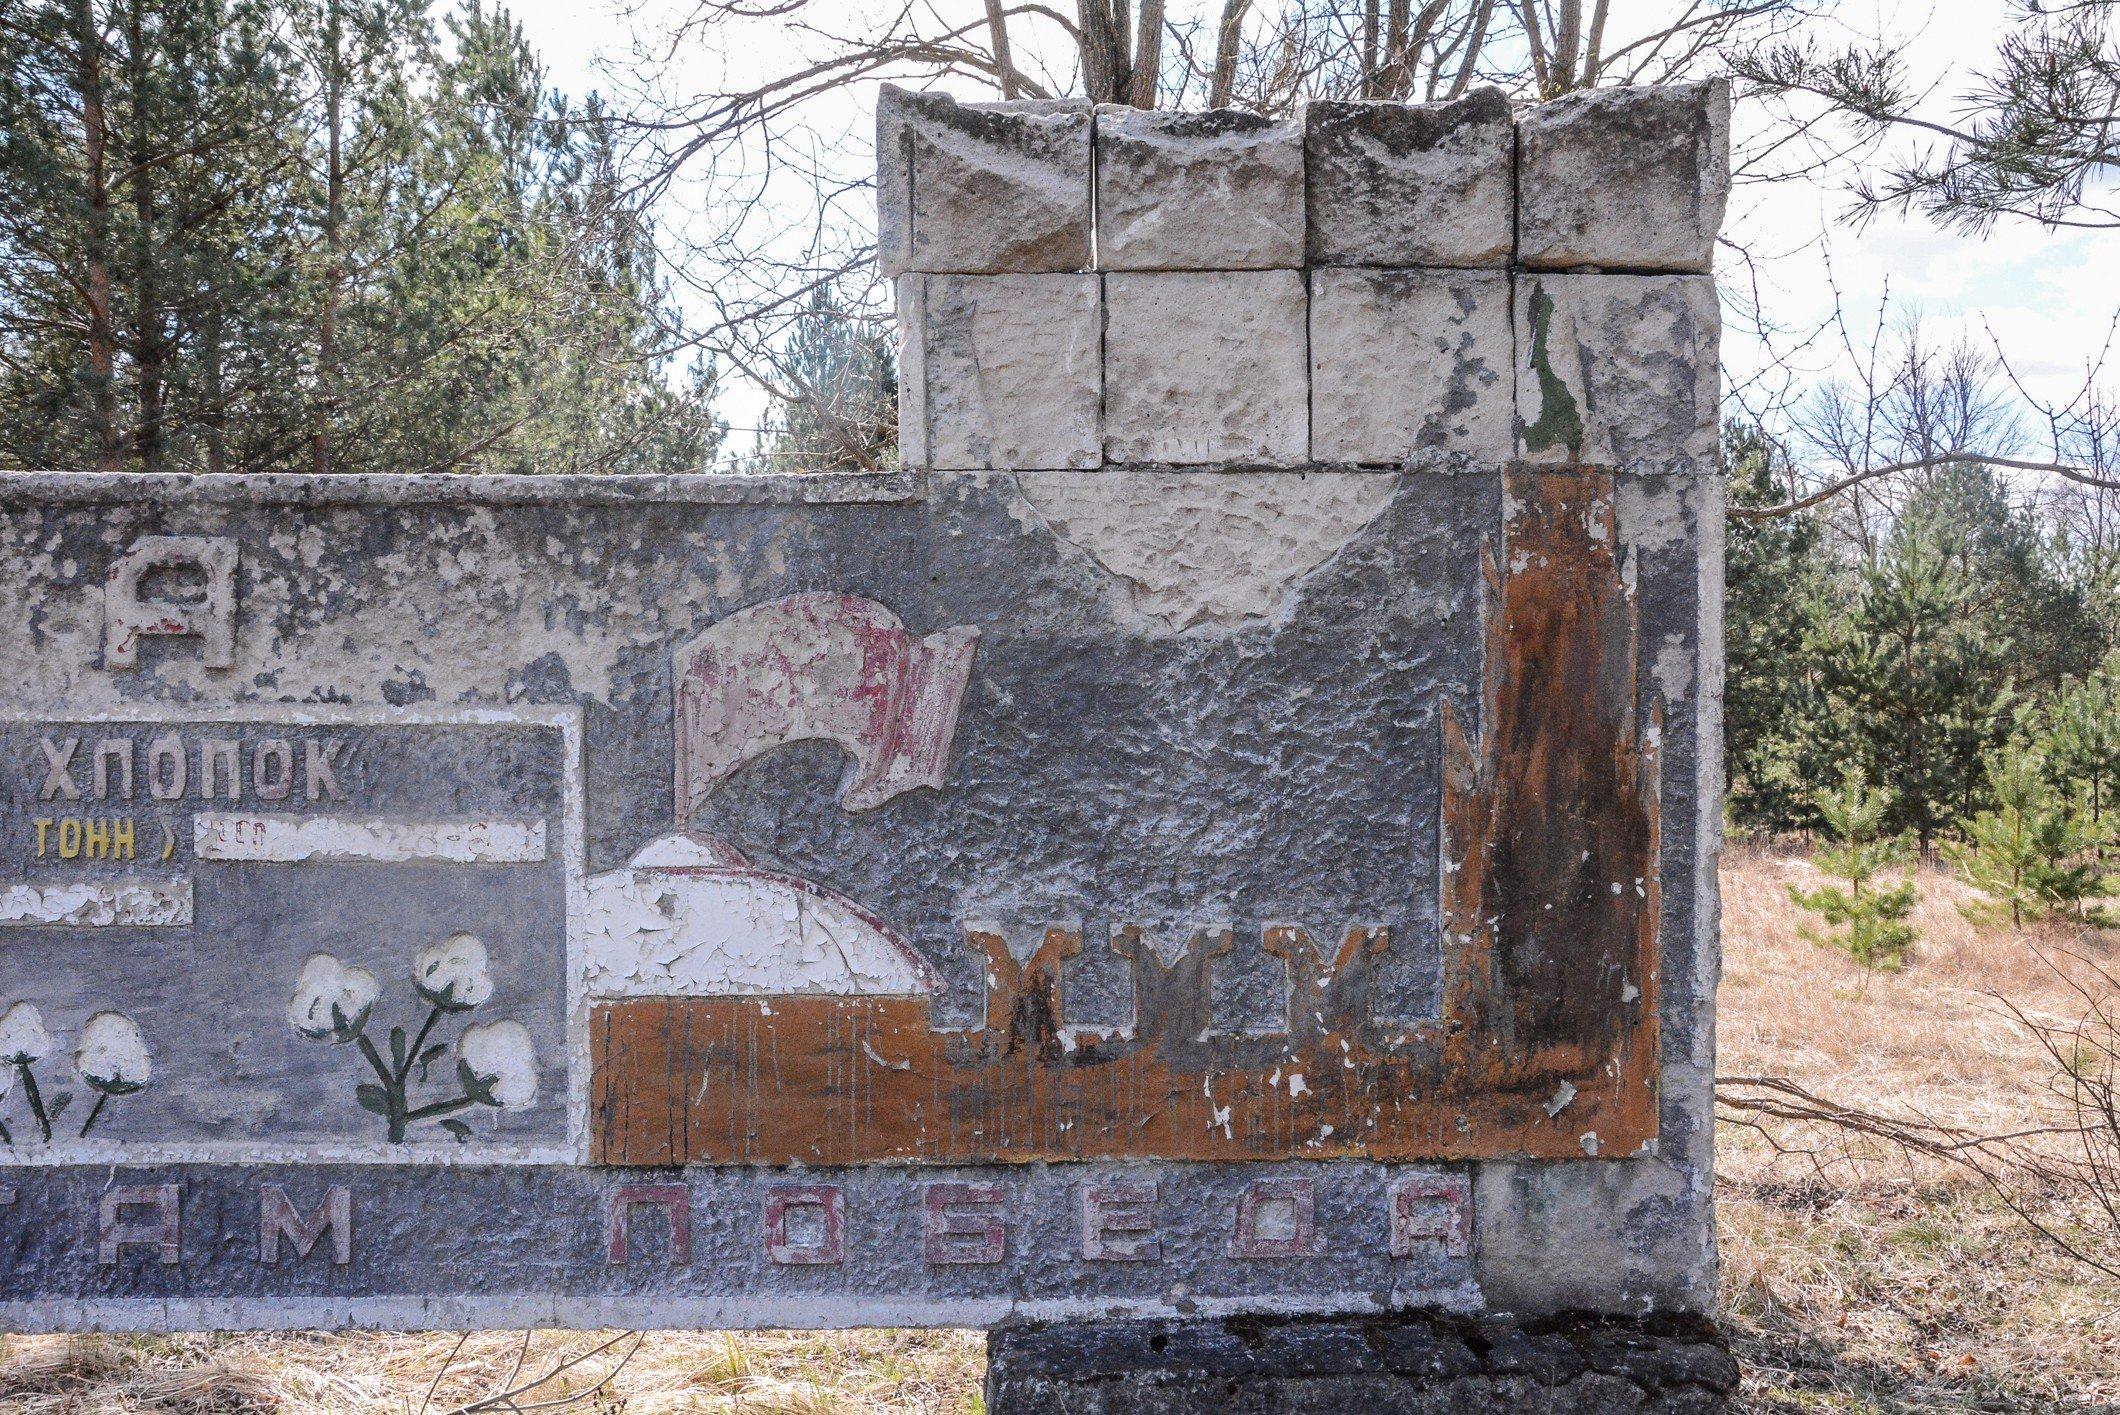 kremlin mural soviet war memorial sowjetisches ehrenmal fürstenberg drögen brandenburg deutschland lost places urbex abandoned